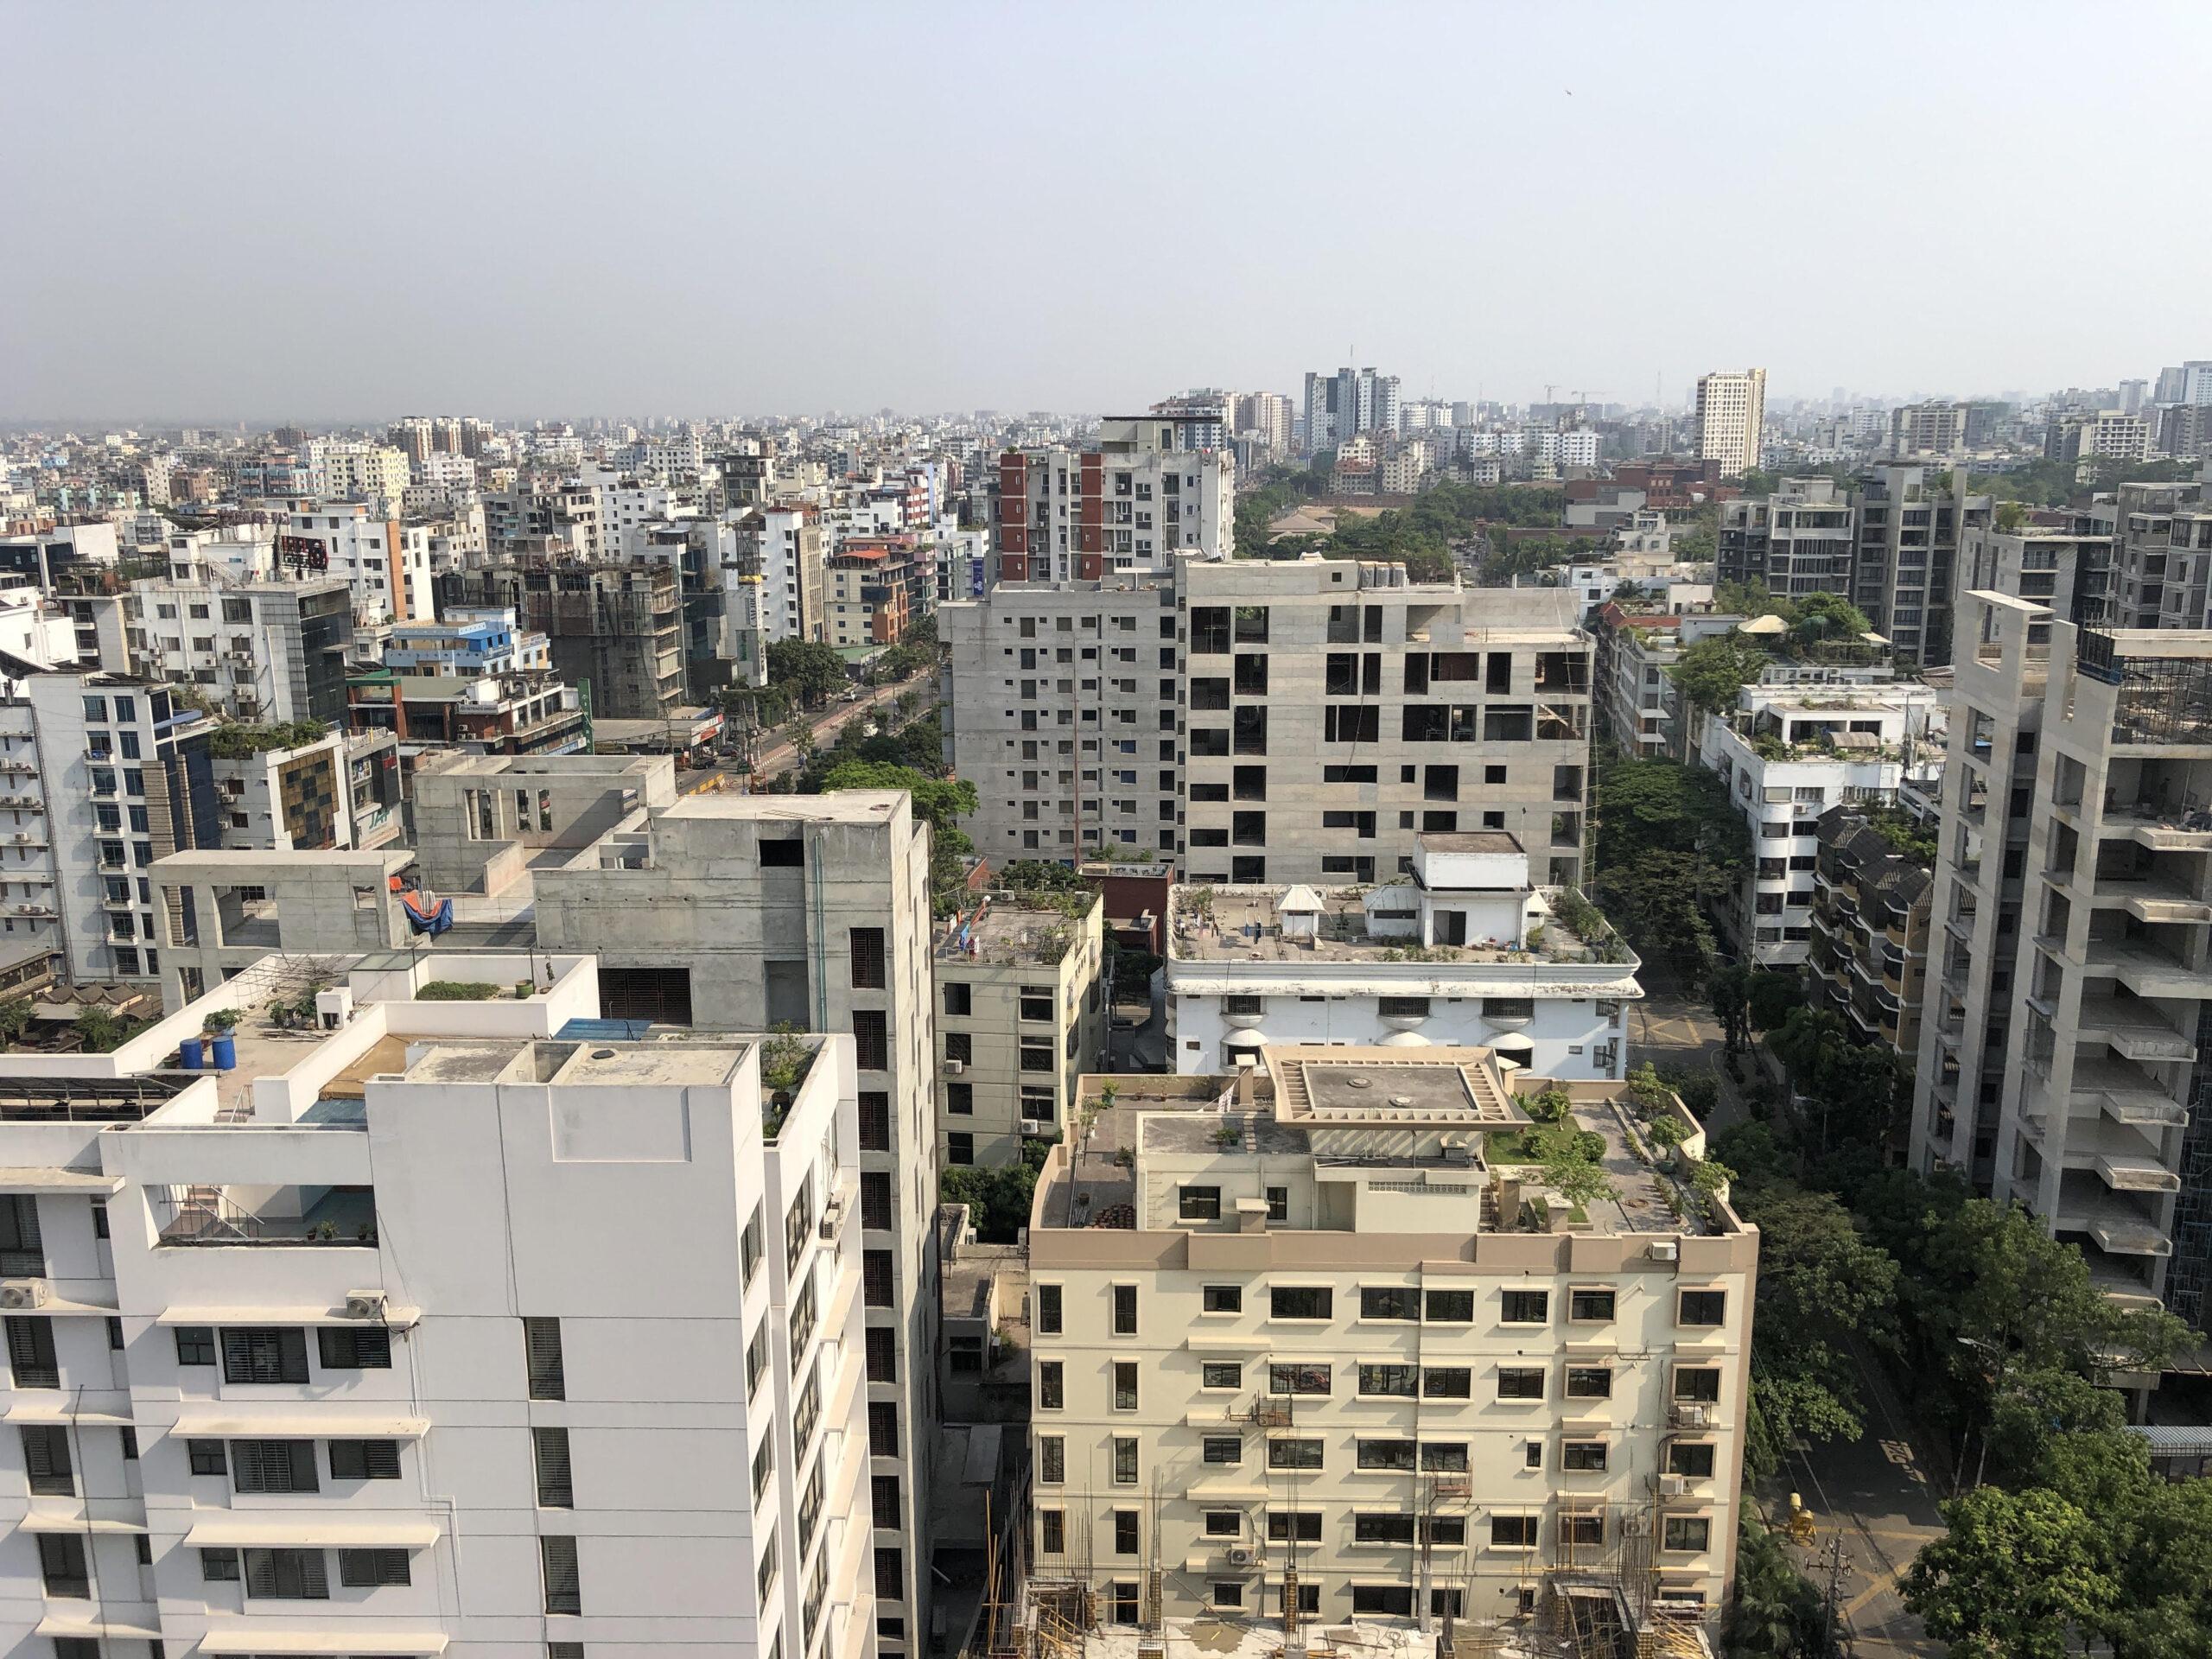 ダッカは、「世界で住みやすい都市」ワースト4位